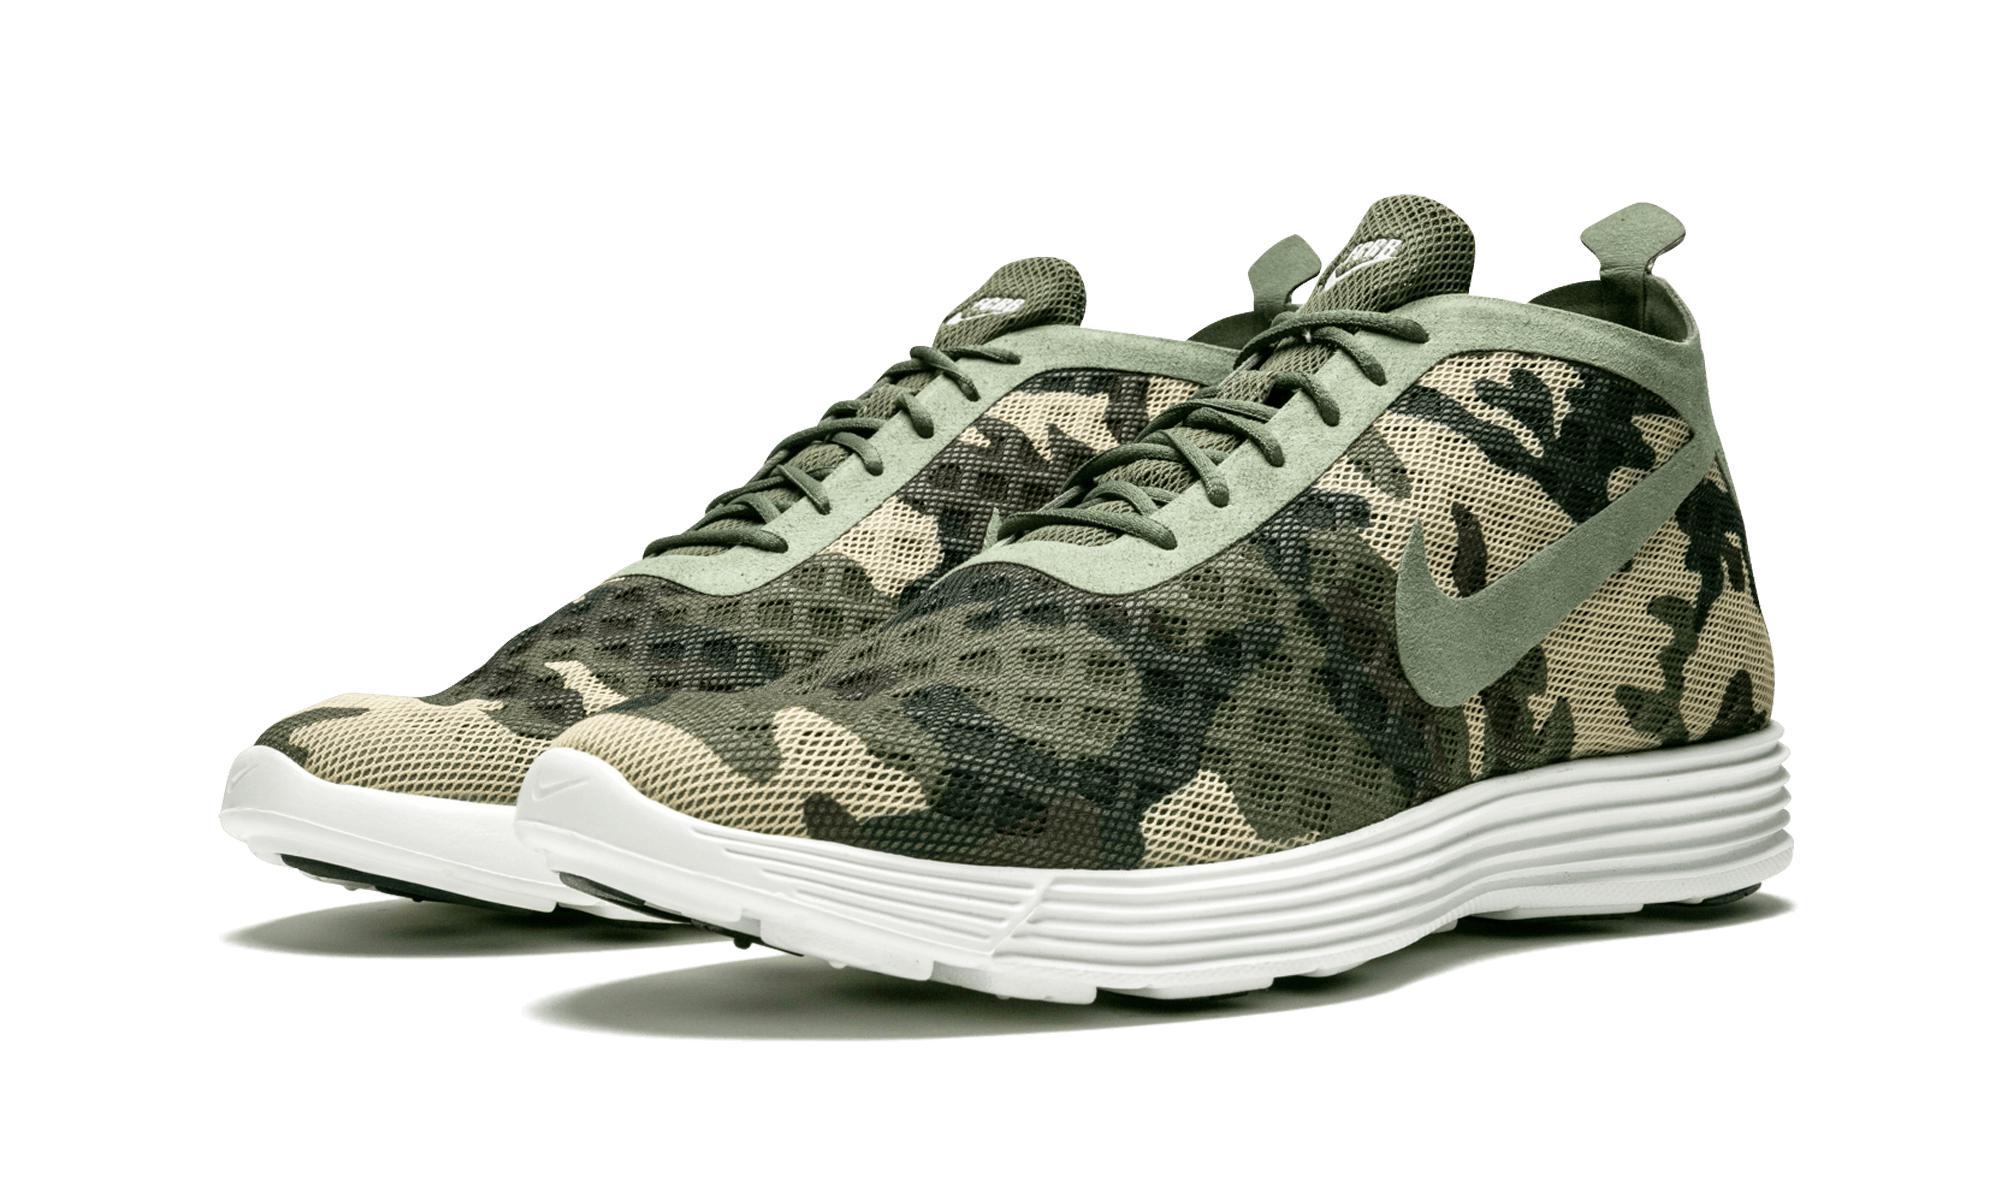 sale retailer 6d419 6a791 Lyst - Nike Lunar Rejuven8 Mid+ in Green for Men